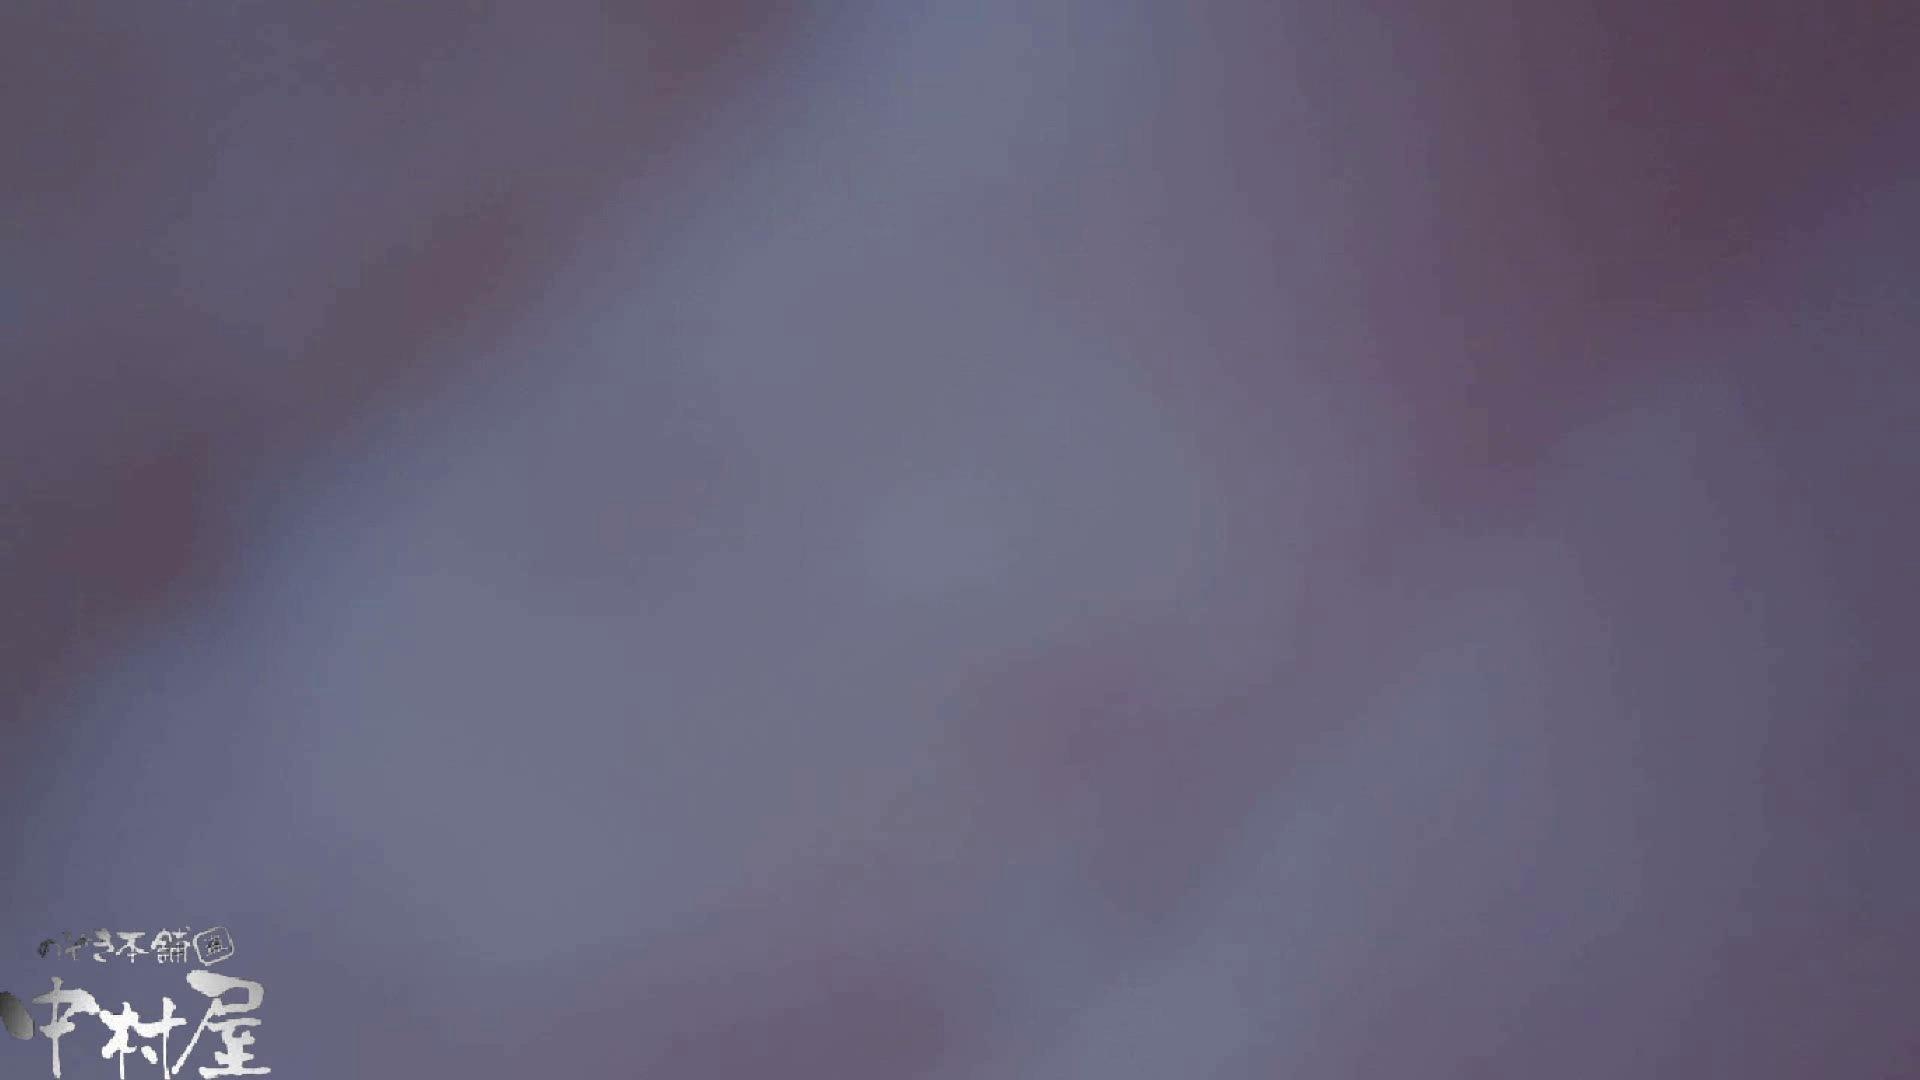 魂のかわや盗撮62連発! ケツ毛フサフサ嬢! 17発目! 盗撮 | 黄金水  105枚 35